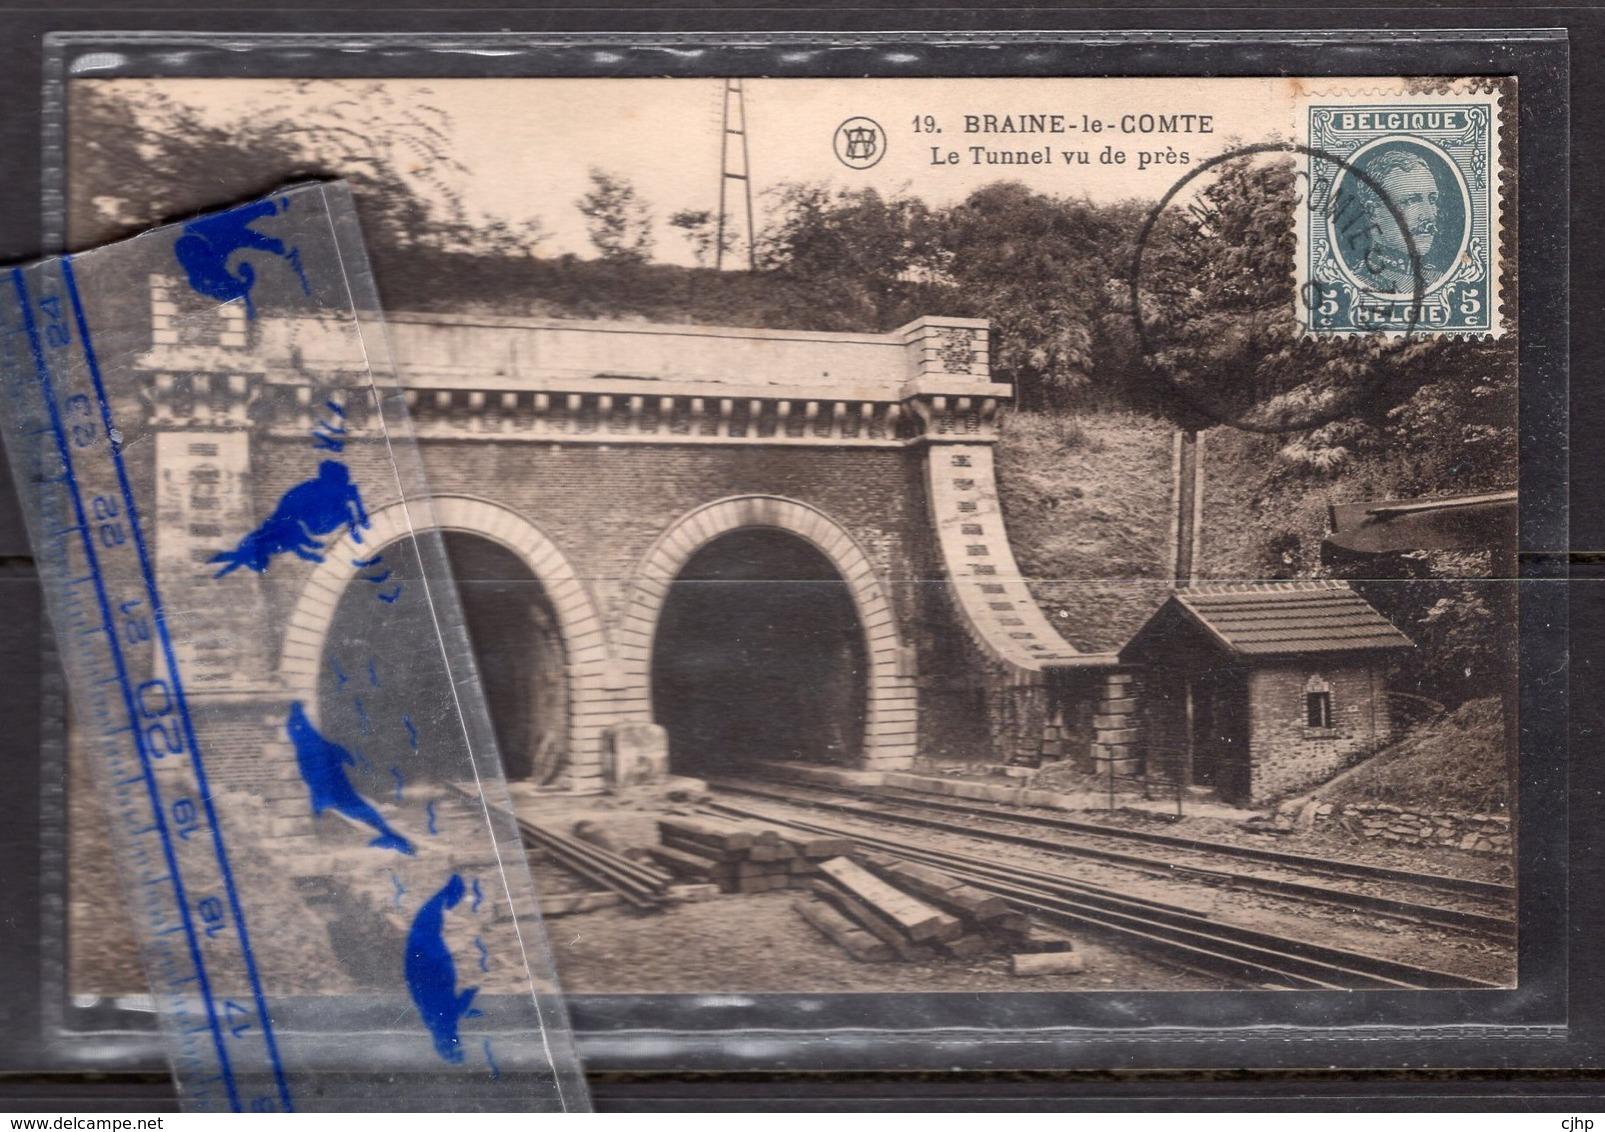 Cha13 Belgique Braine Le Comte Hainaut Le Tunnel Vu De Pres Chemin De Fer  Malengreau Cuesmes - Braine-le-Comte